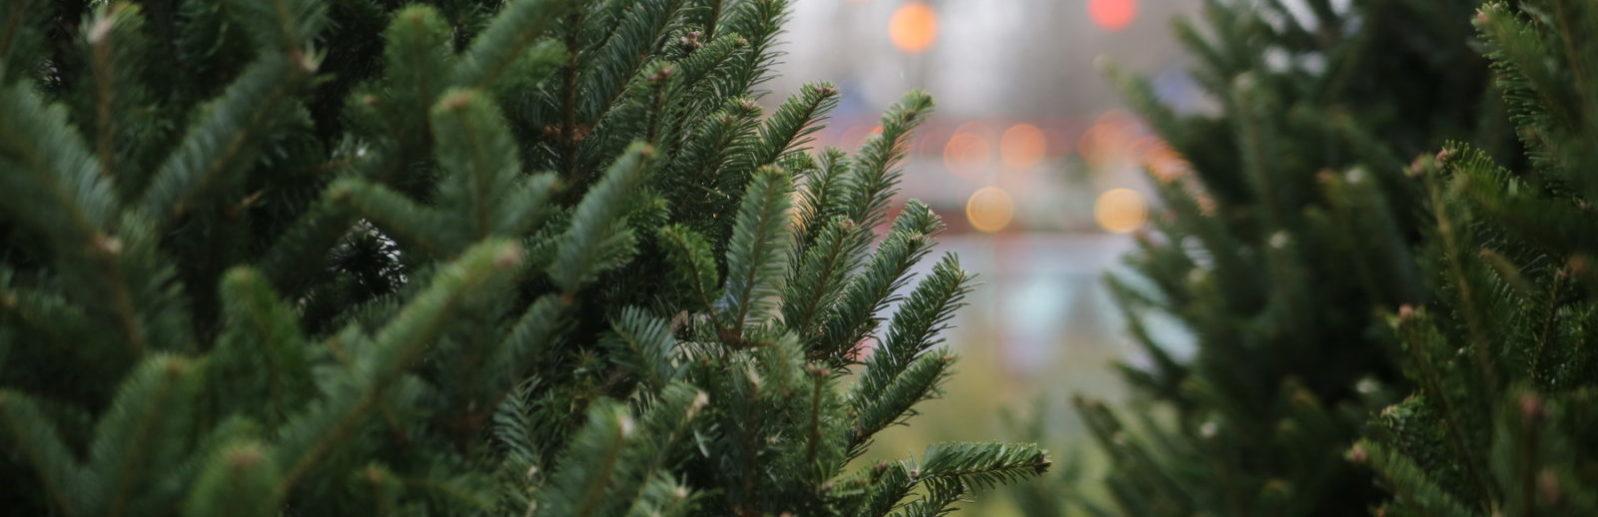 купить елку в крыму симферополь